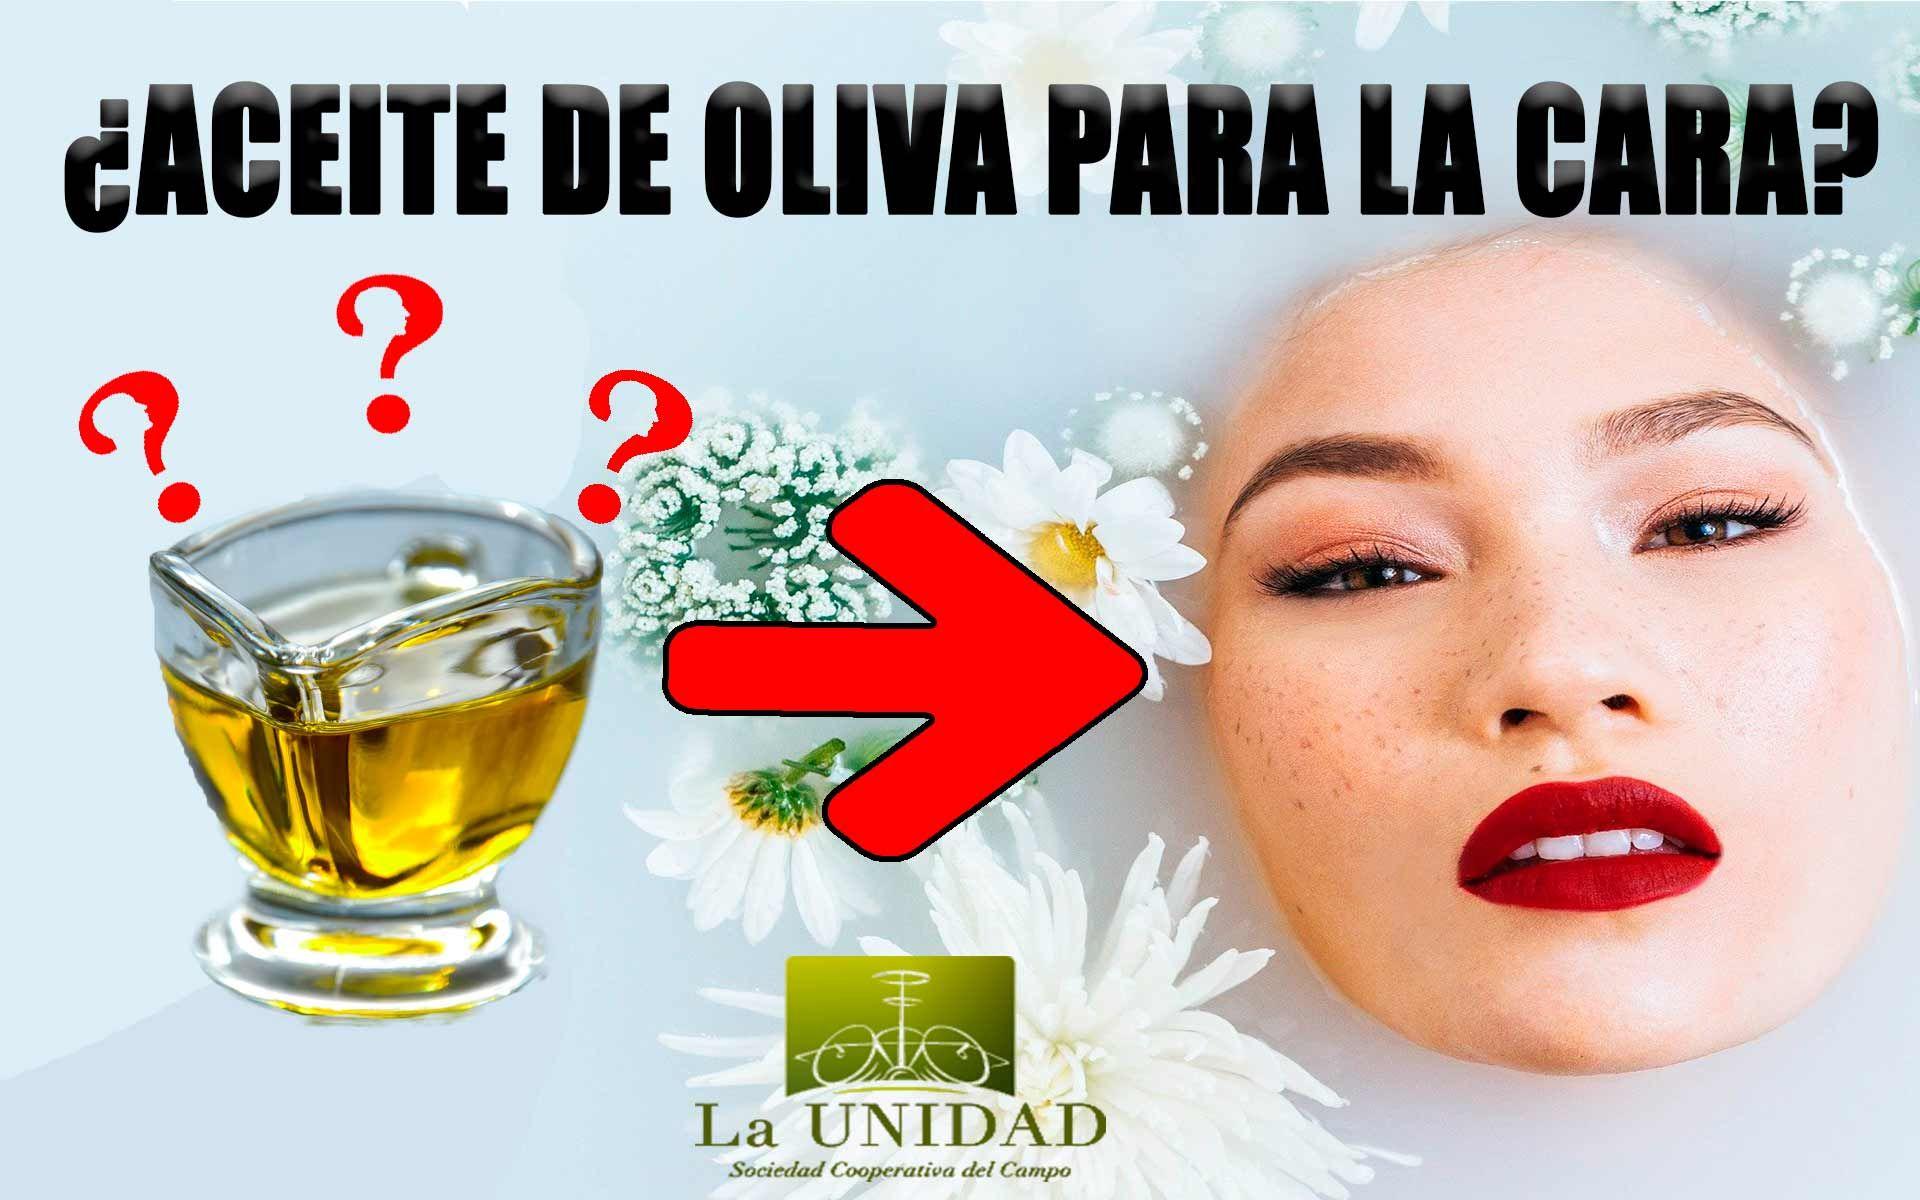 Aceite De Oliva Para La Cara Infórmate Y Rejuvenecerás Aceite De Oliva Beneficios Aceite De Oliva Aceite